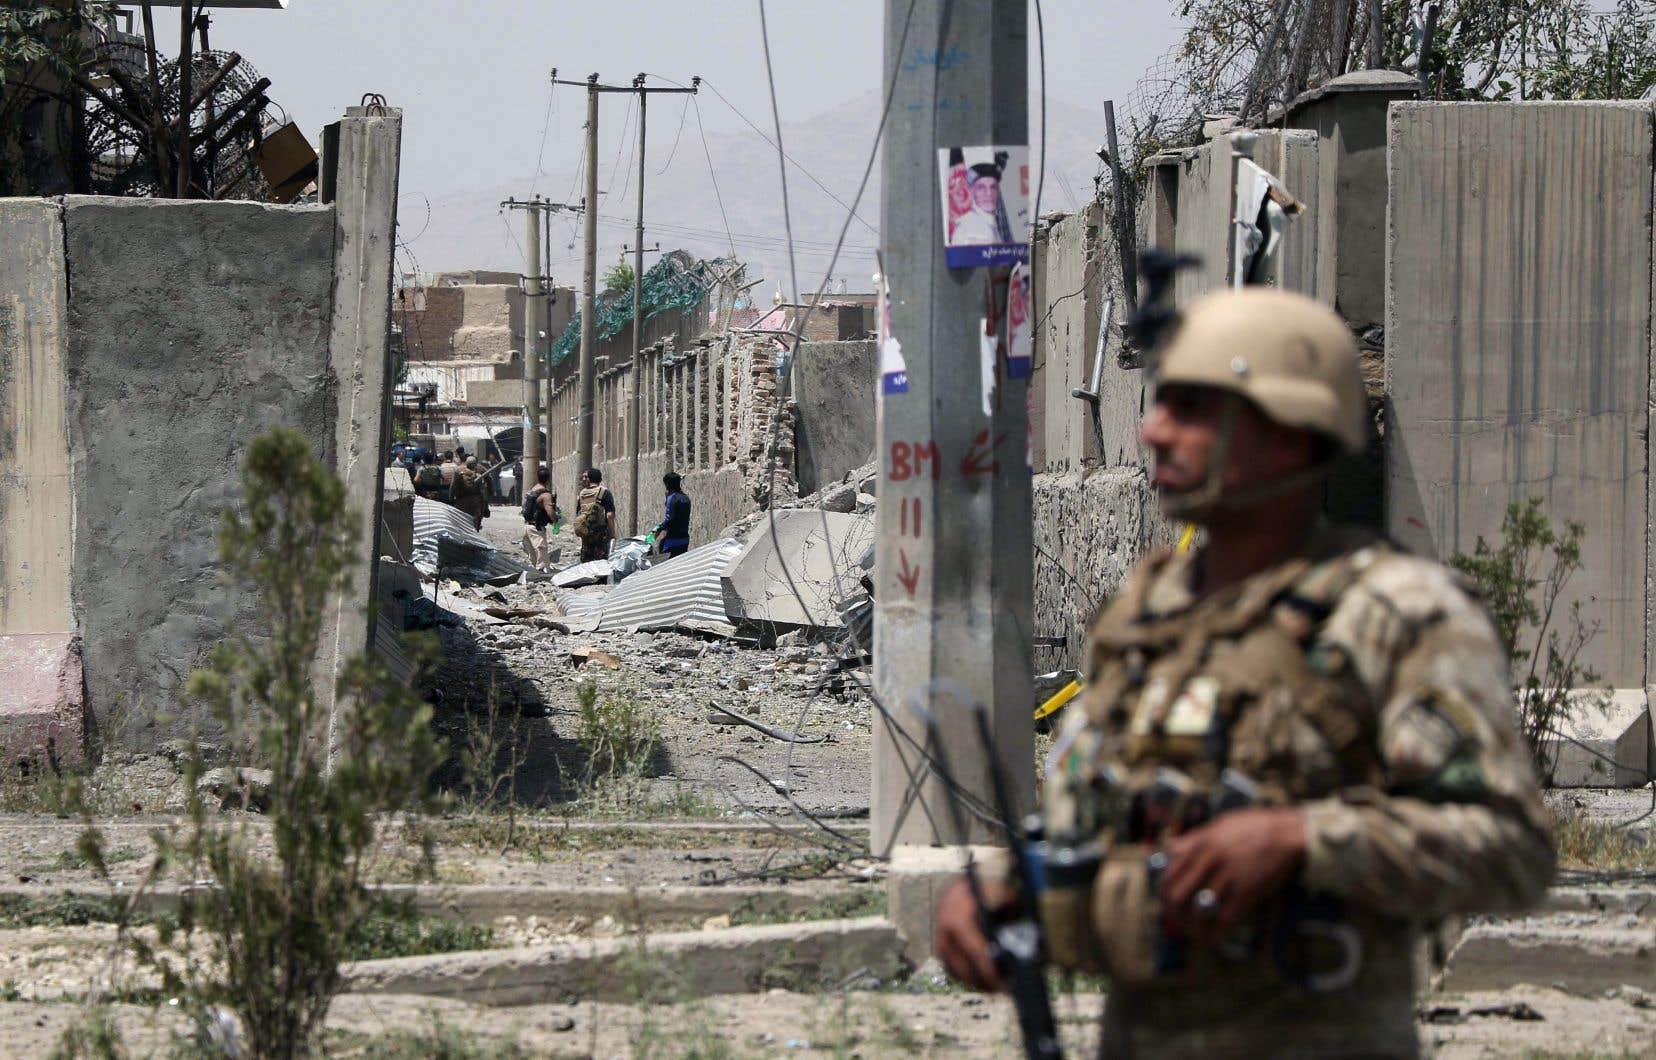 Un porte-parole des talibans a revendiqué l'attentat sur les réseaux sociaux, ajoutant qu'il avait été commis par un kamikaze.